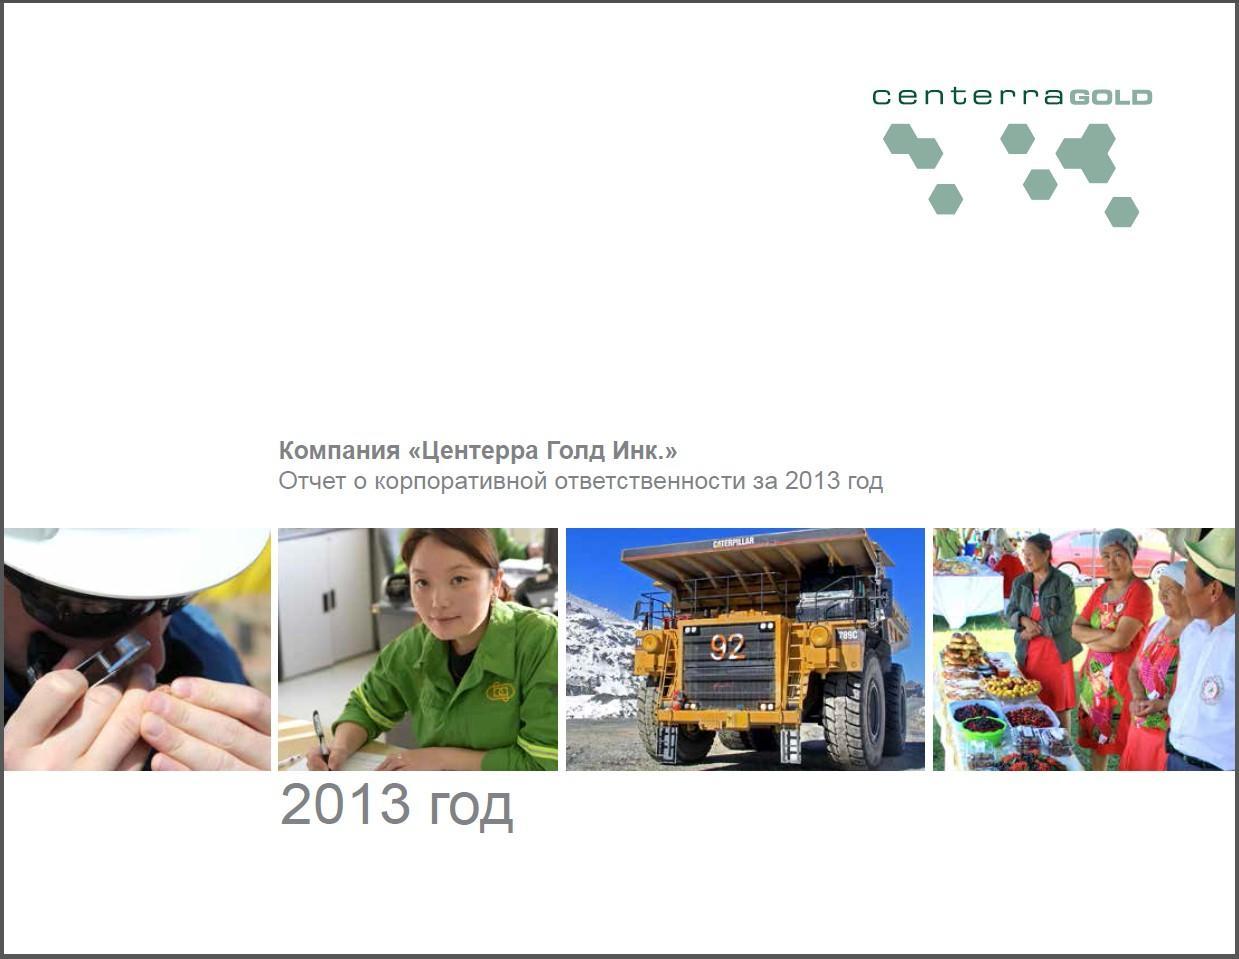 Отчет о корпоративной ответственности за 2013 год